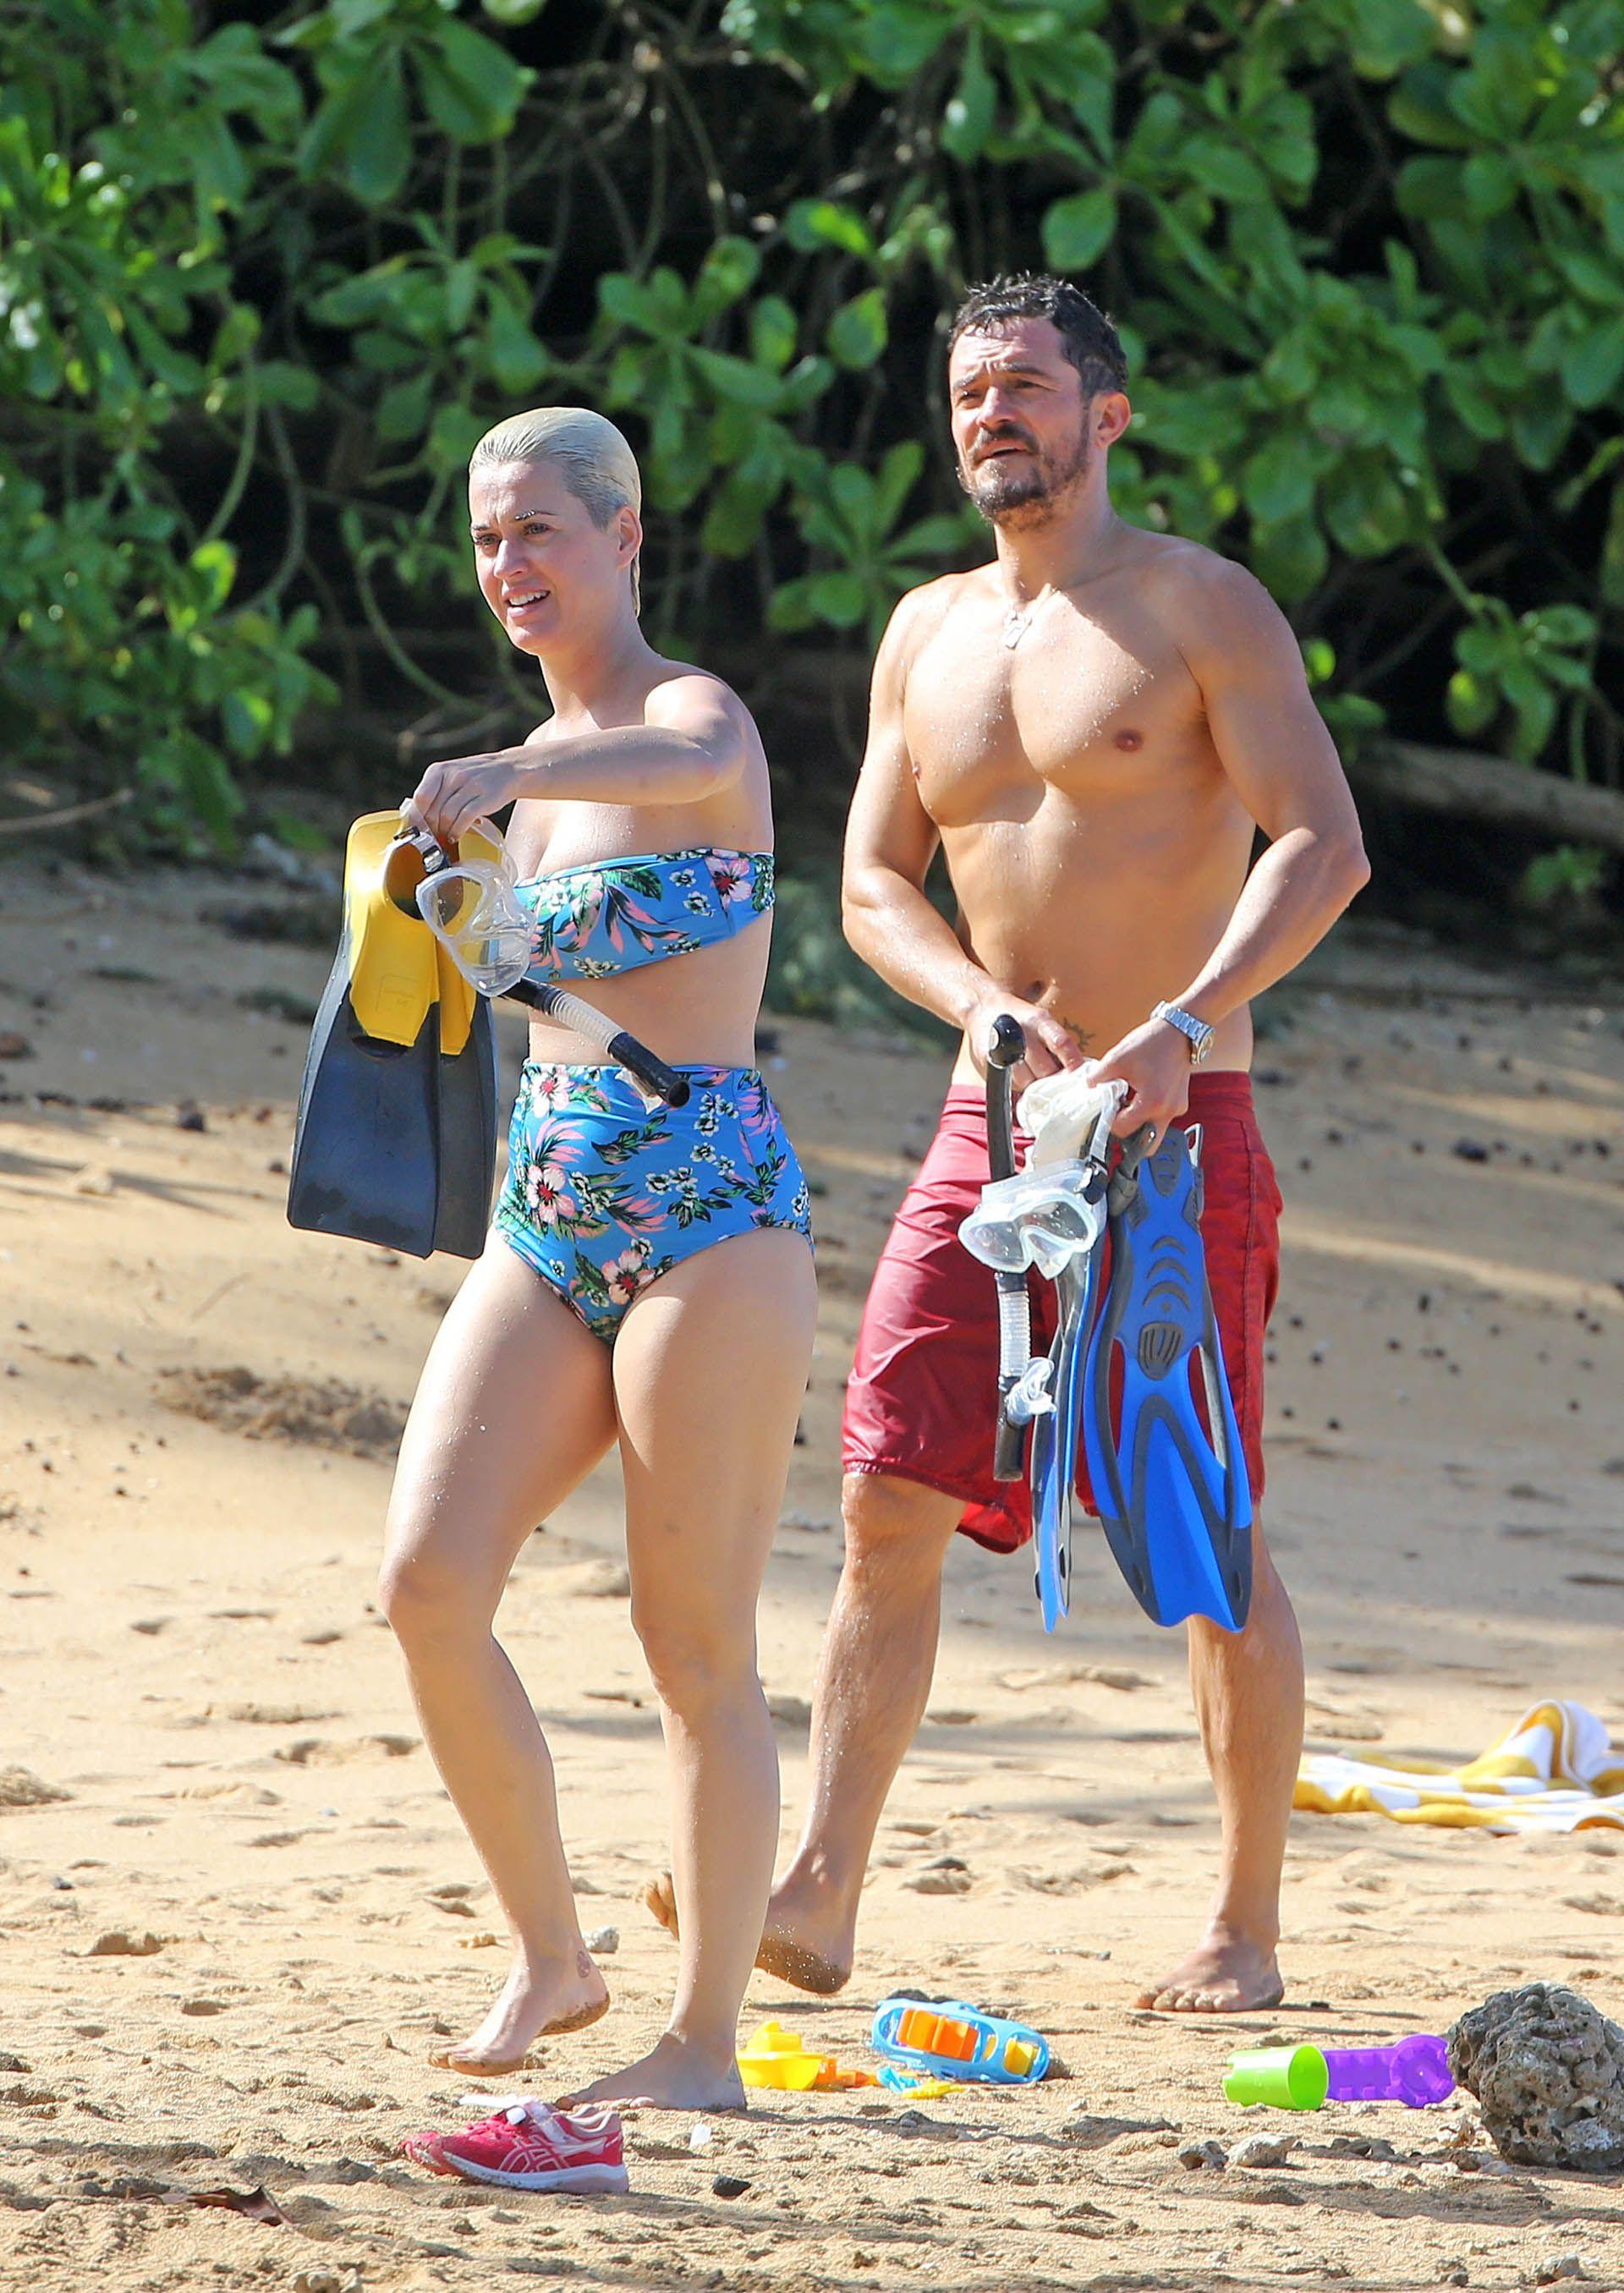 La pareja en unas vacaciones de 2018 (Foto: The Grosby Group)